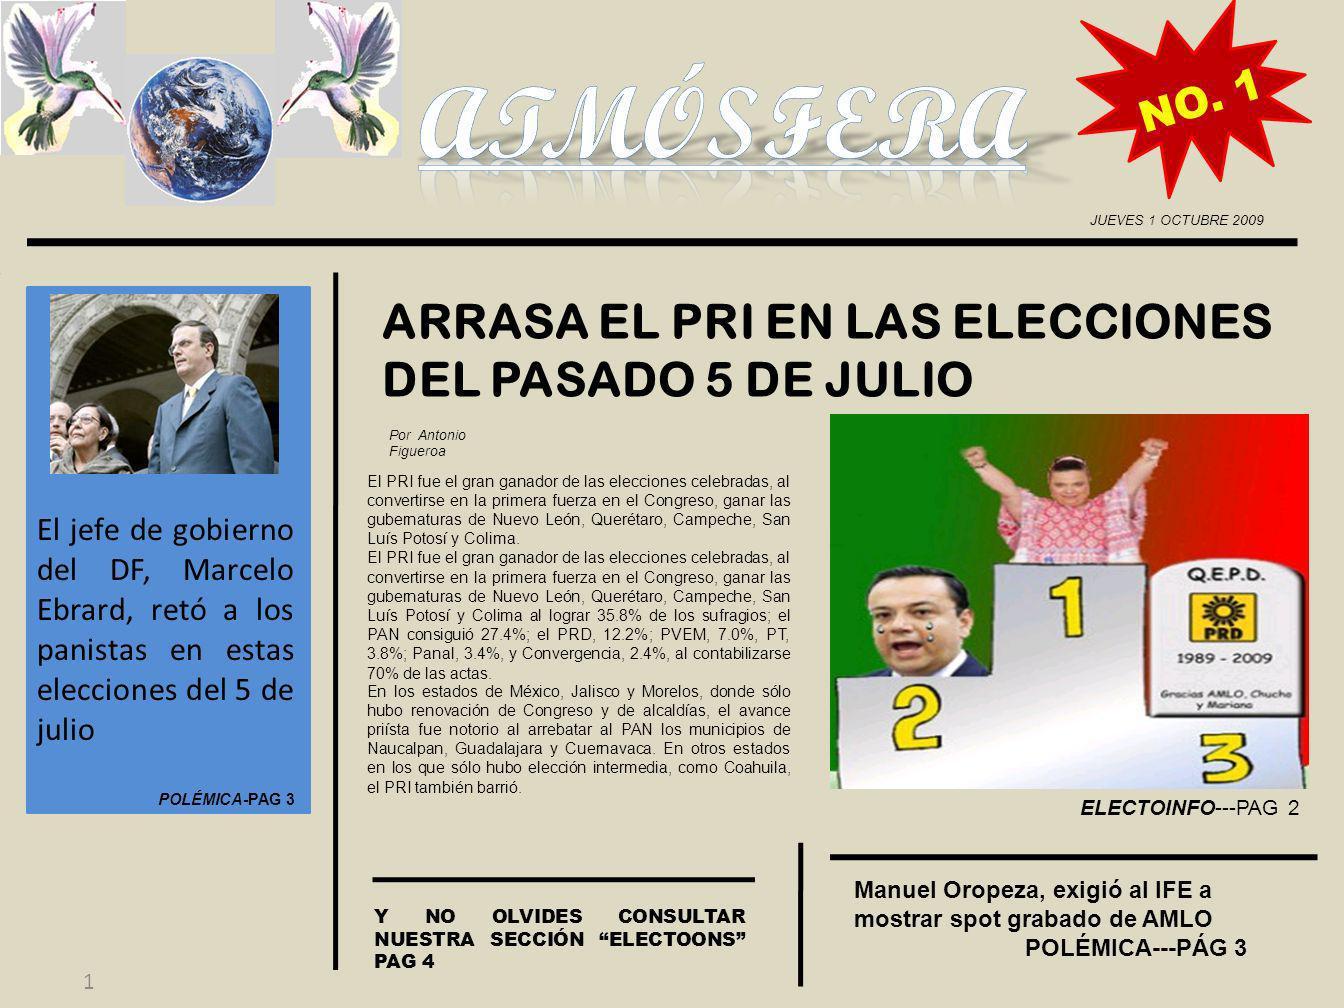 JUEVES 1 OCTUBRE 2009 ELECTOINFO El PAN retuvo las delegaciones Miguel Hidalgo y Benito Juárez, y recuperó Cuajimalpa.